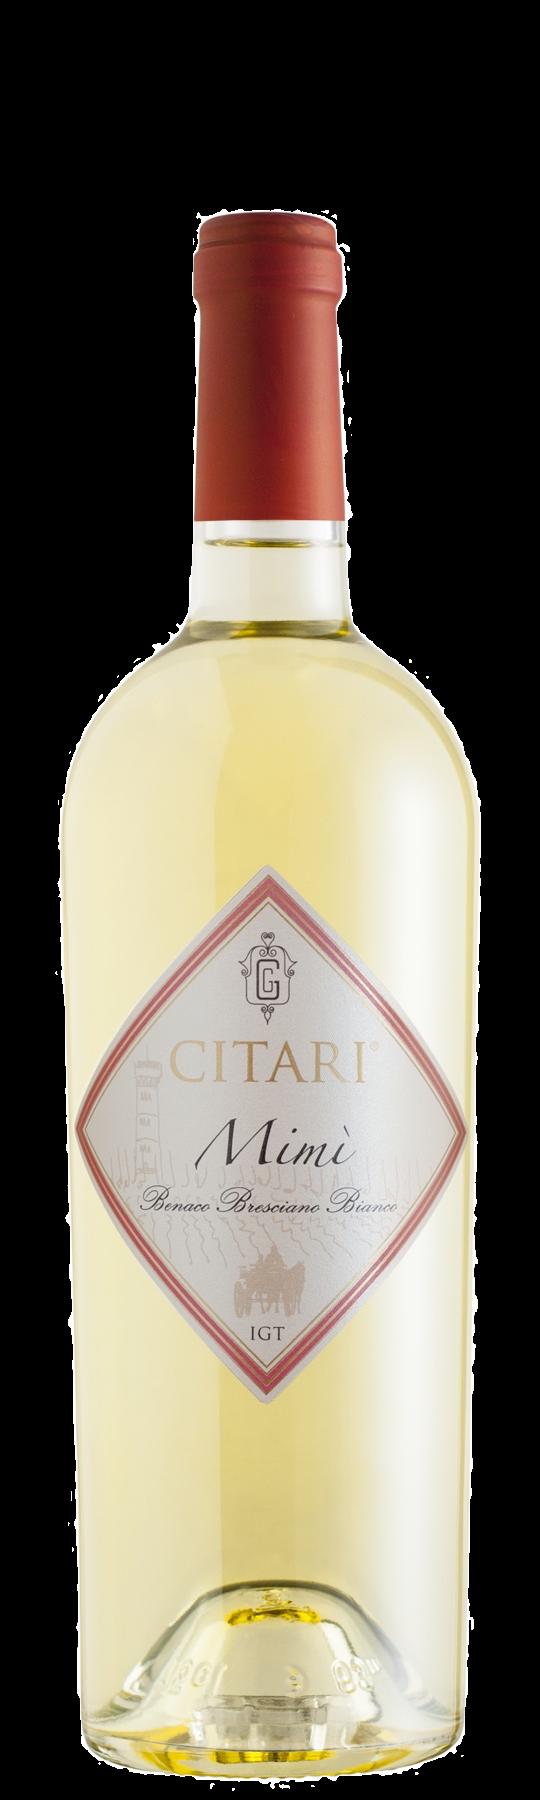 Citari-Mimi-Benaco-Bresciano-Bianco-IGT.png